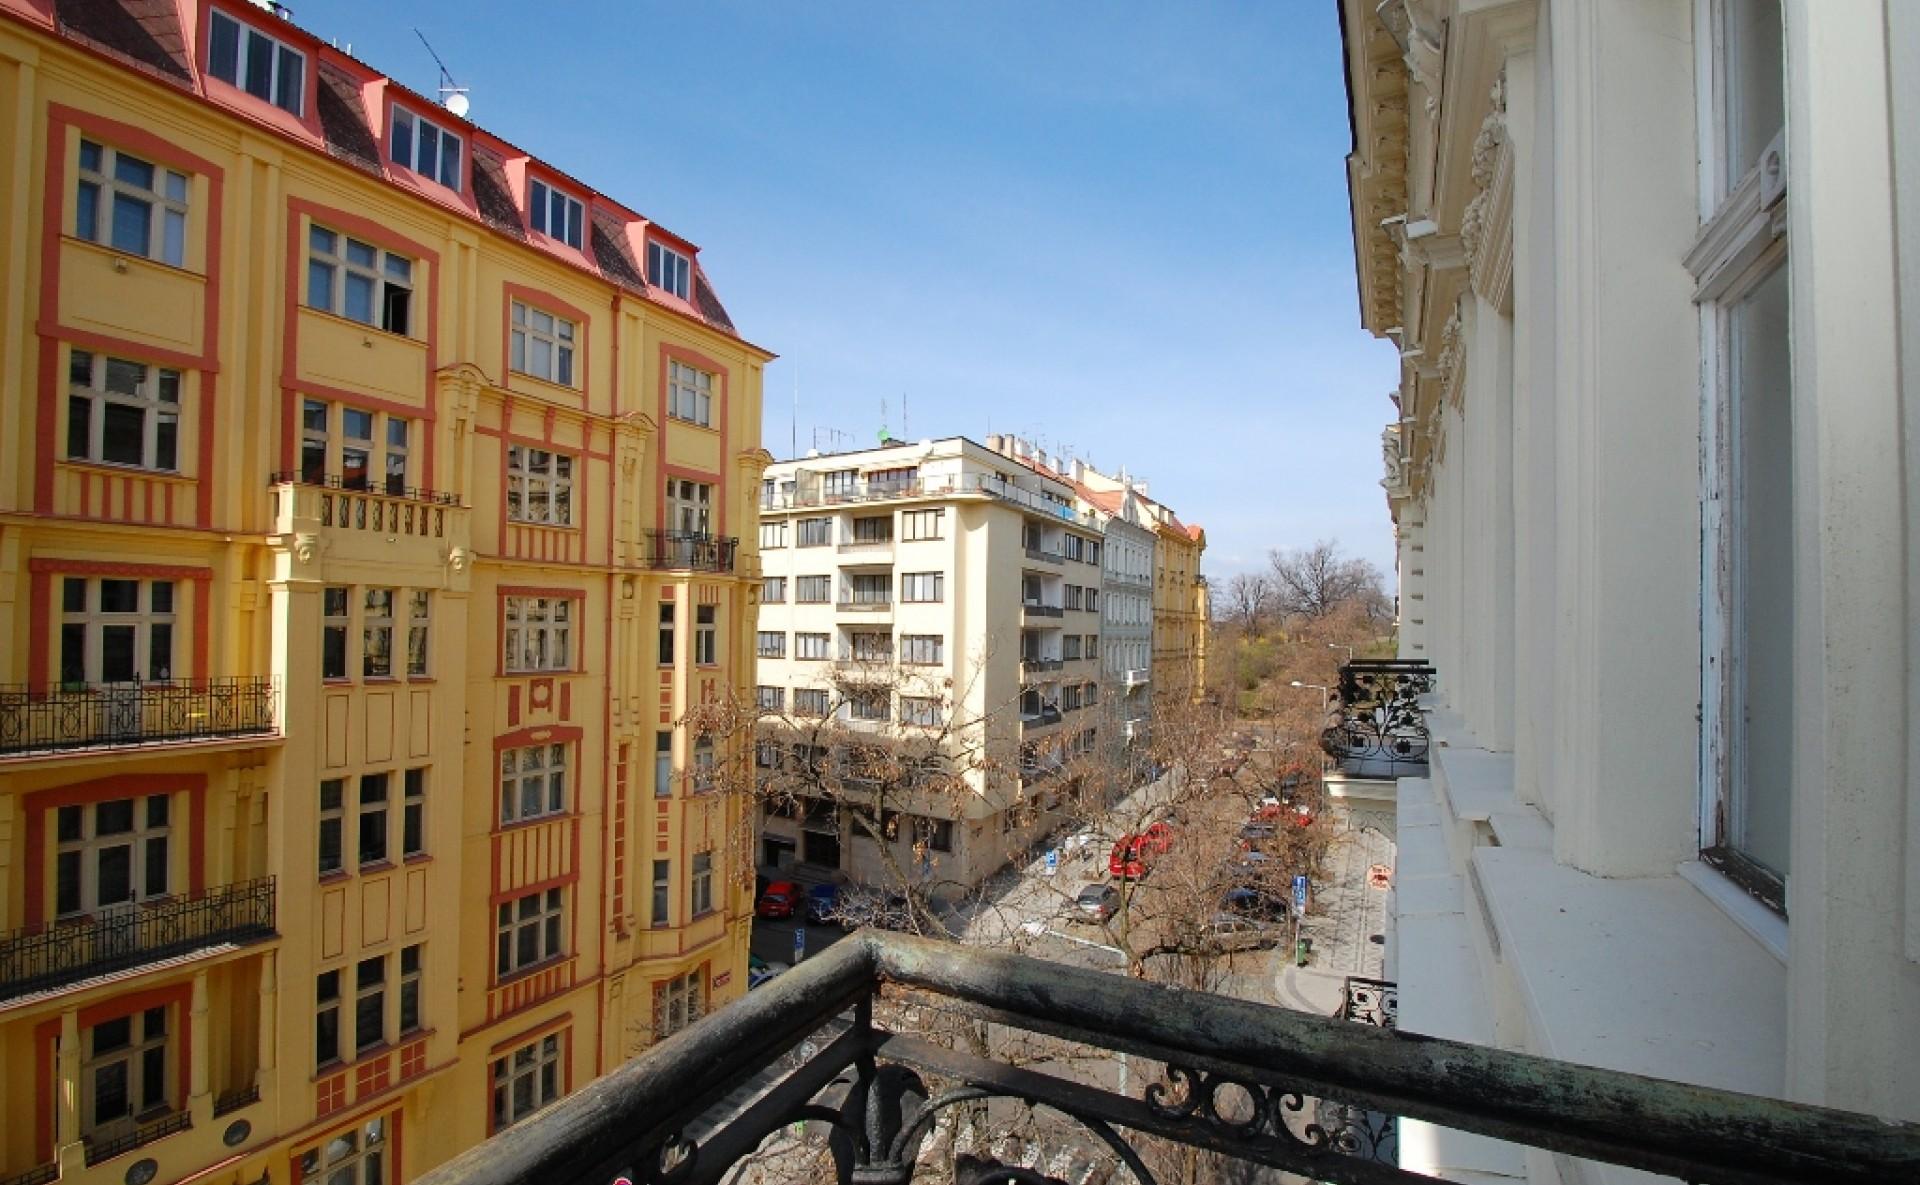 Pronájem kanceláře Praha 2 Vinohrady Mánesova